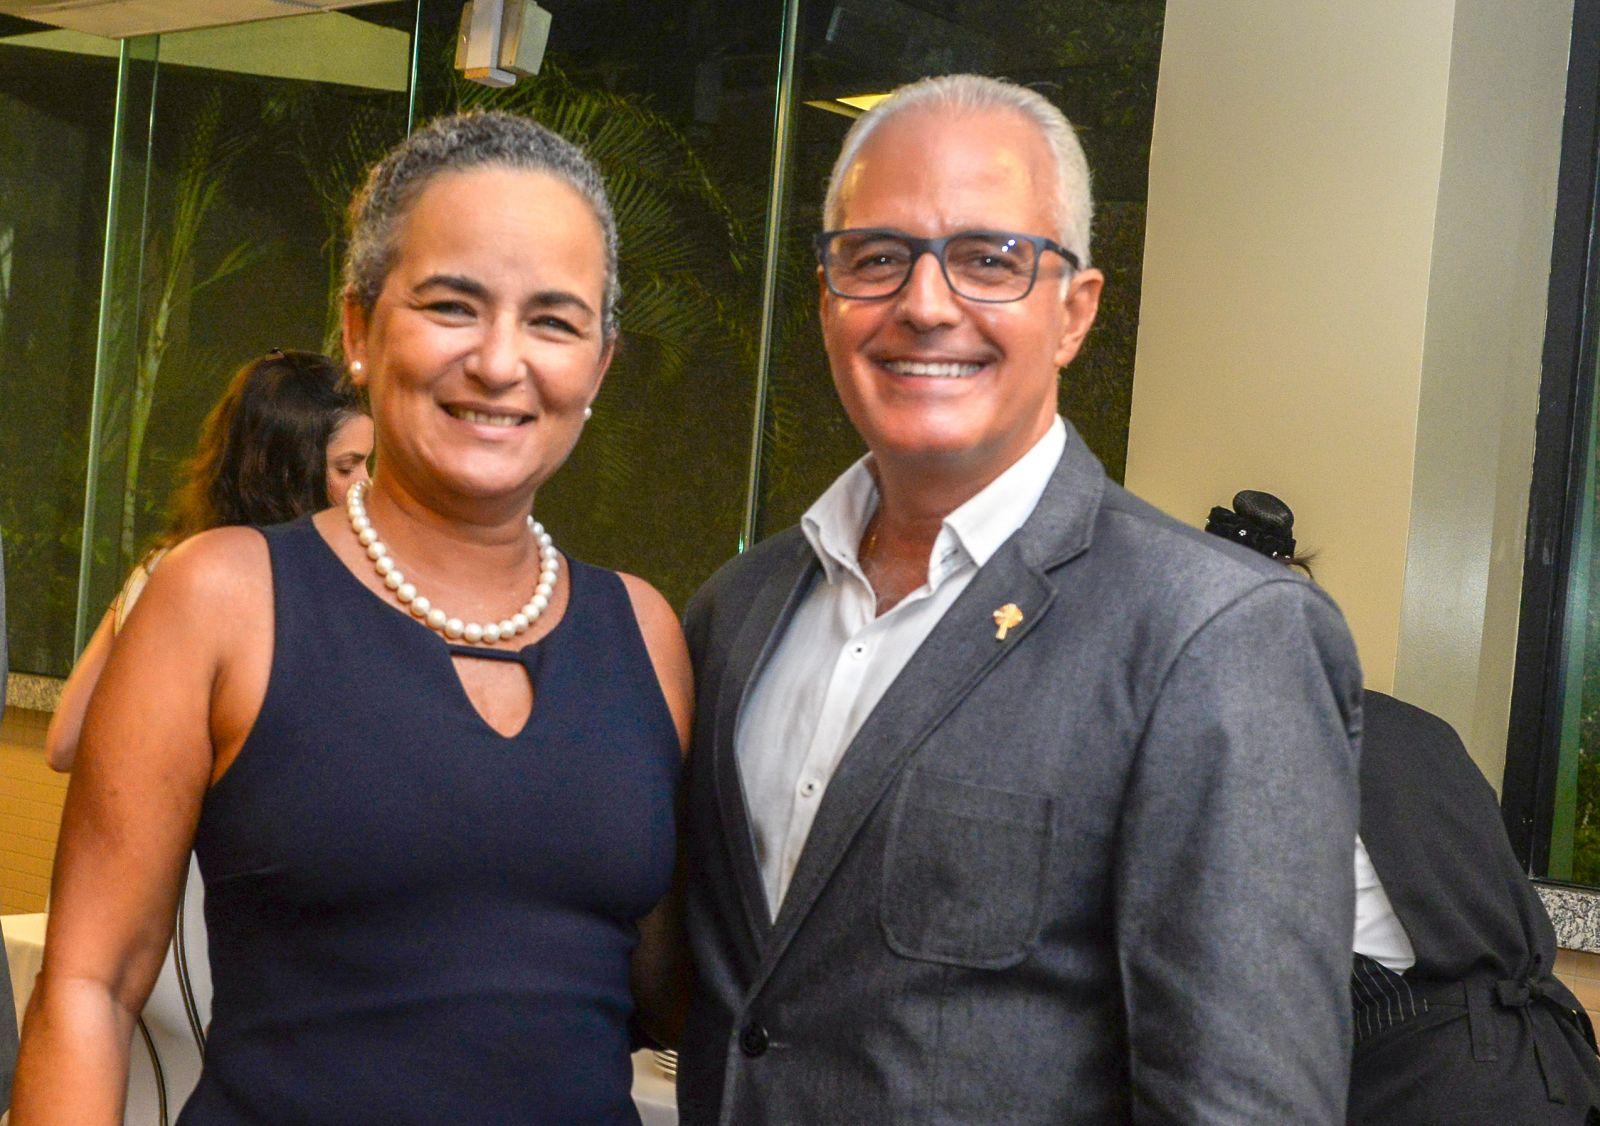 General Silva Alvin comandante da 6ª RM e Kaina Alvin é o casal destaque de hoje dia 22 de maio de 2019